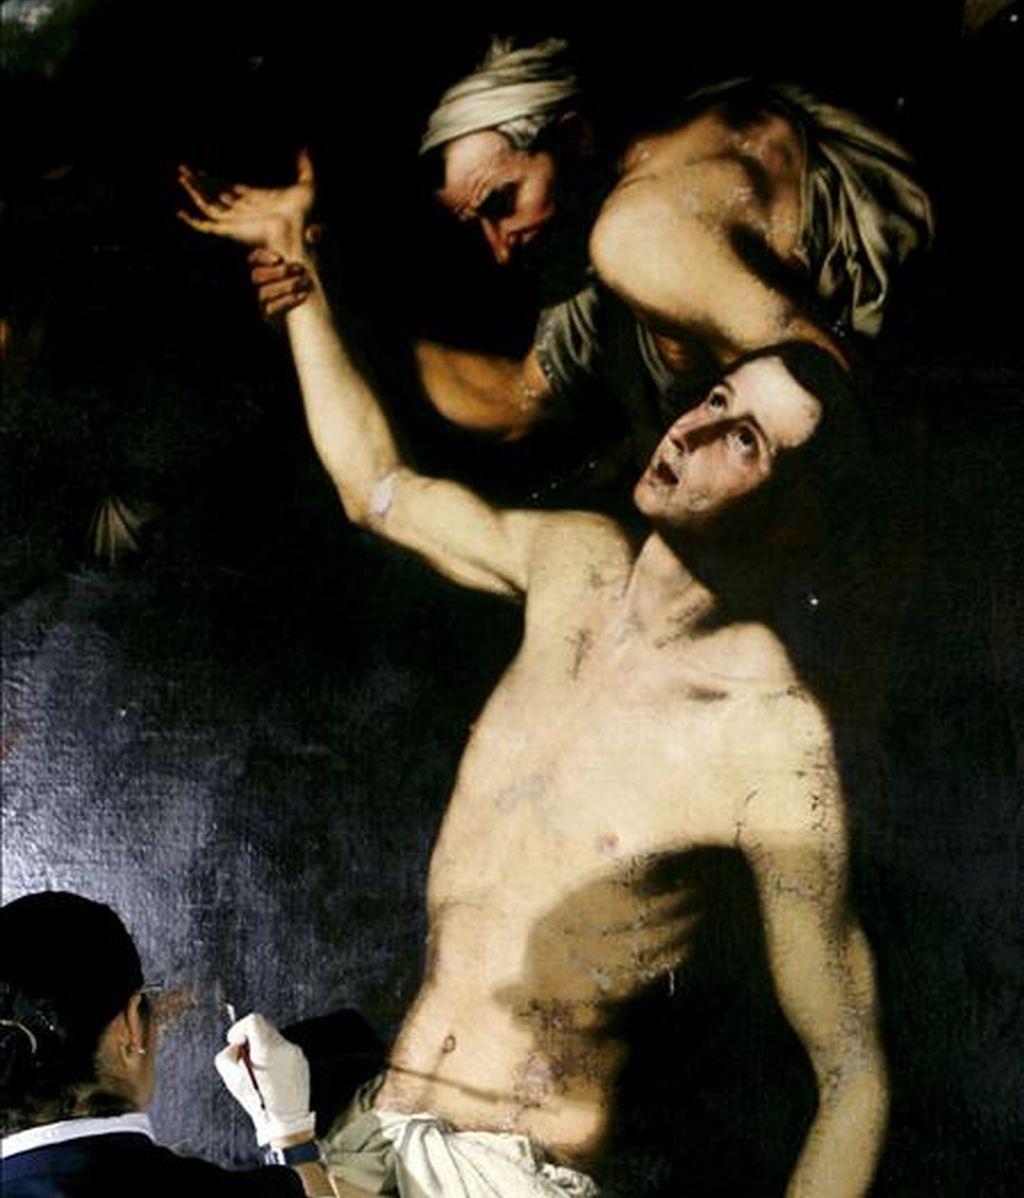 """Los restauradores de los retablos del Nazareno y de la Santisima Trinidad de la catedral de Granada han descubierto tres cuadros excepcionales del pintor valenciano José de Ribera , """"el Españoleto"""", uno de los máximos exponentes de la pintura española. En la imagen, una restauradora trabaja en el cuadro de San Lorenzo. EFE"""